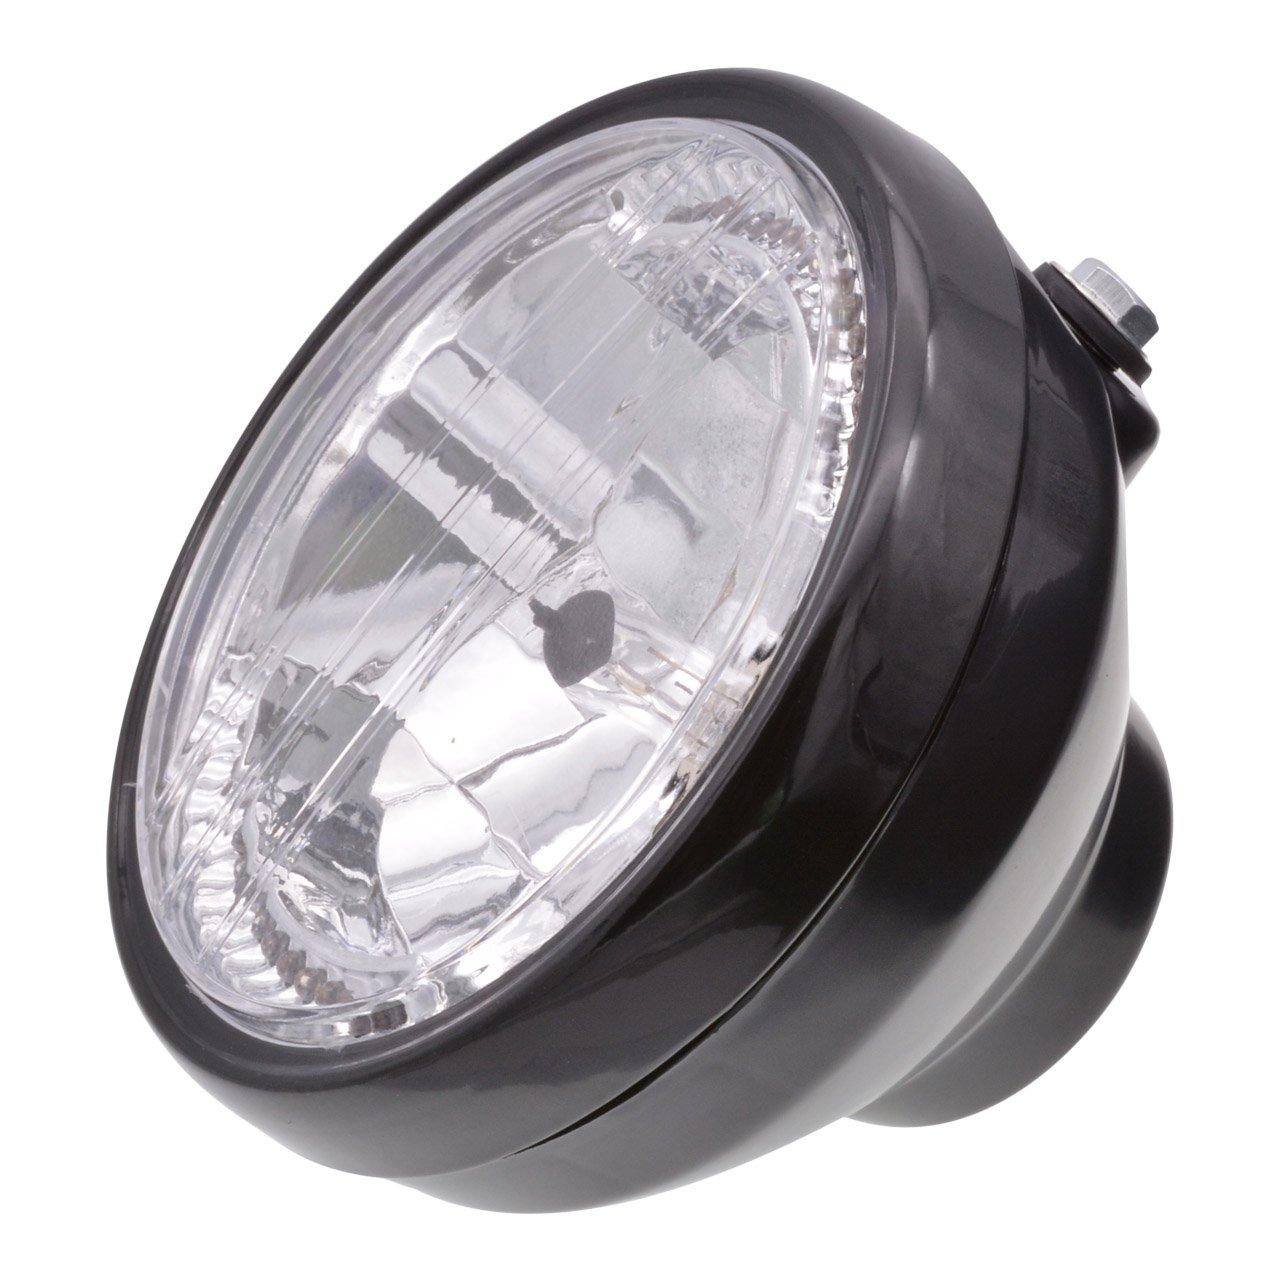 KaTur 1Pcs 12V 10W Motorcycle Tail Light Stop Licenses Brake Lamp for Chopper Bobber Cafe Racer,Bullet Steel Housing Motos Light for Harley